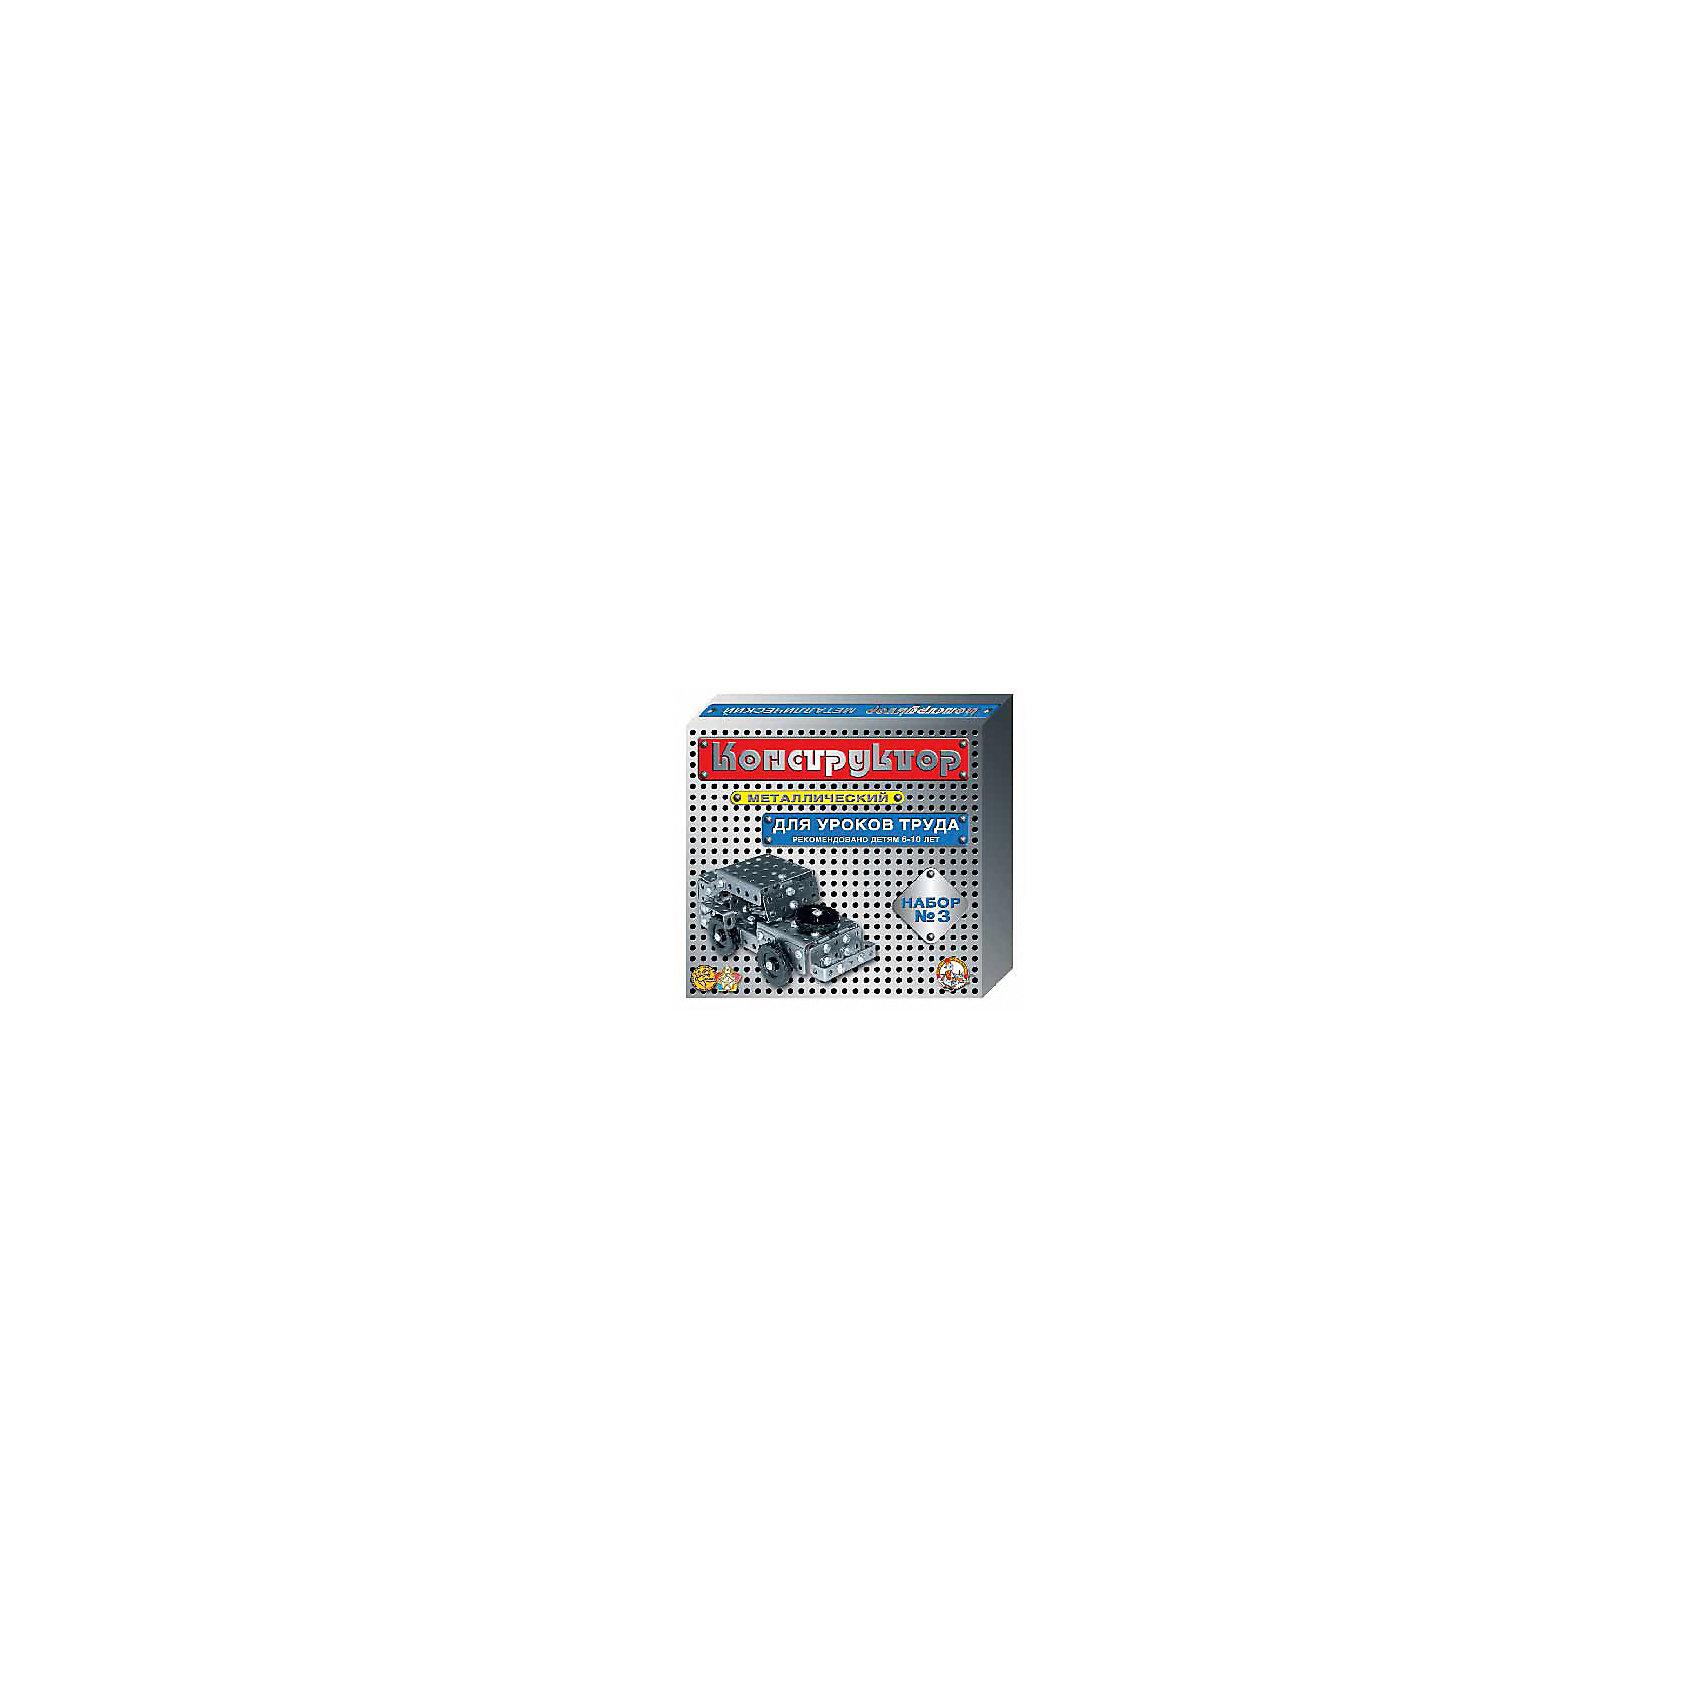 Конструктор металлический, 292 детали, Десятое королевствоМеталлические конструкторы<br>Конструктор металлический, 292 детали, Десятое королевство<br><br>Характеристики: <br><br>• Возраст: от 6 лет<br>• Материал: металл<br>• В комплекте: 292 деталей<br><br>Данный металлический конструктор состоит из различных по размеру деталей и позволяет собрать множество видов транспорта - самолет, машину, велосипед и тд. Он создан из качественного, безопасного для детей материала и в него удобно играть, как в одиночку, так и в компании. Набор содержит инструкцию для удобства сборки и соответствует передовым требованиям качества.<br><br>Конструктор металлический, 292 детали, Десятое королевство можно купить в нашем интернет-магазине.<br><br>Ширина мм: 230<br>Глубина мм: 200<br>Высота мм: 35<br>Вес г: 718<br>Возраст от месяцев: 84<br>Возраст до месяцев: 2147483647<br>Пол: Мужской<br>Возраст: Детский<br>SKU: 5473793